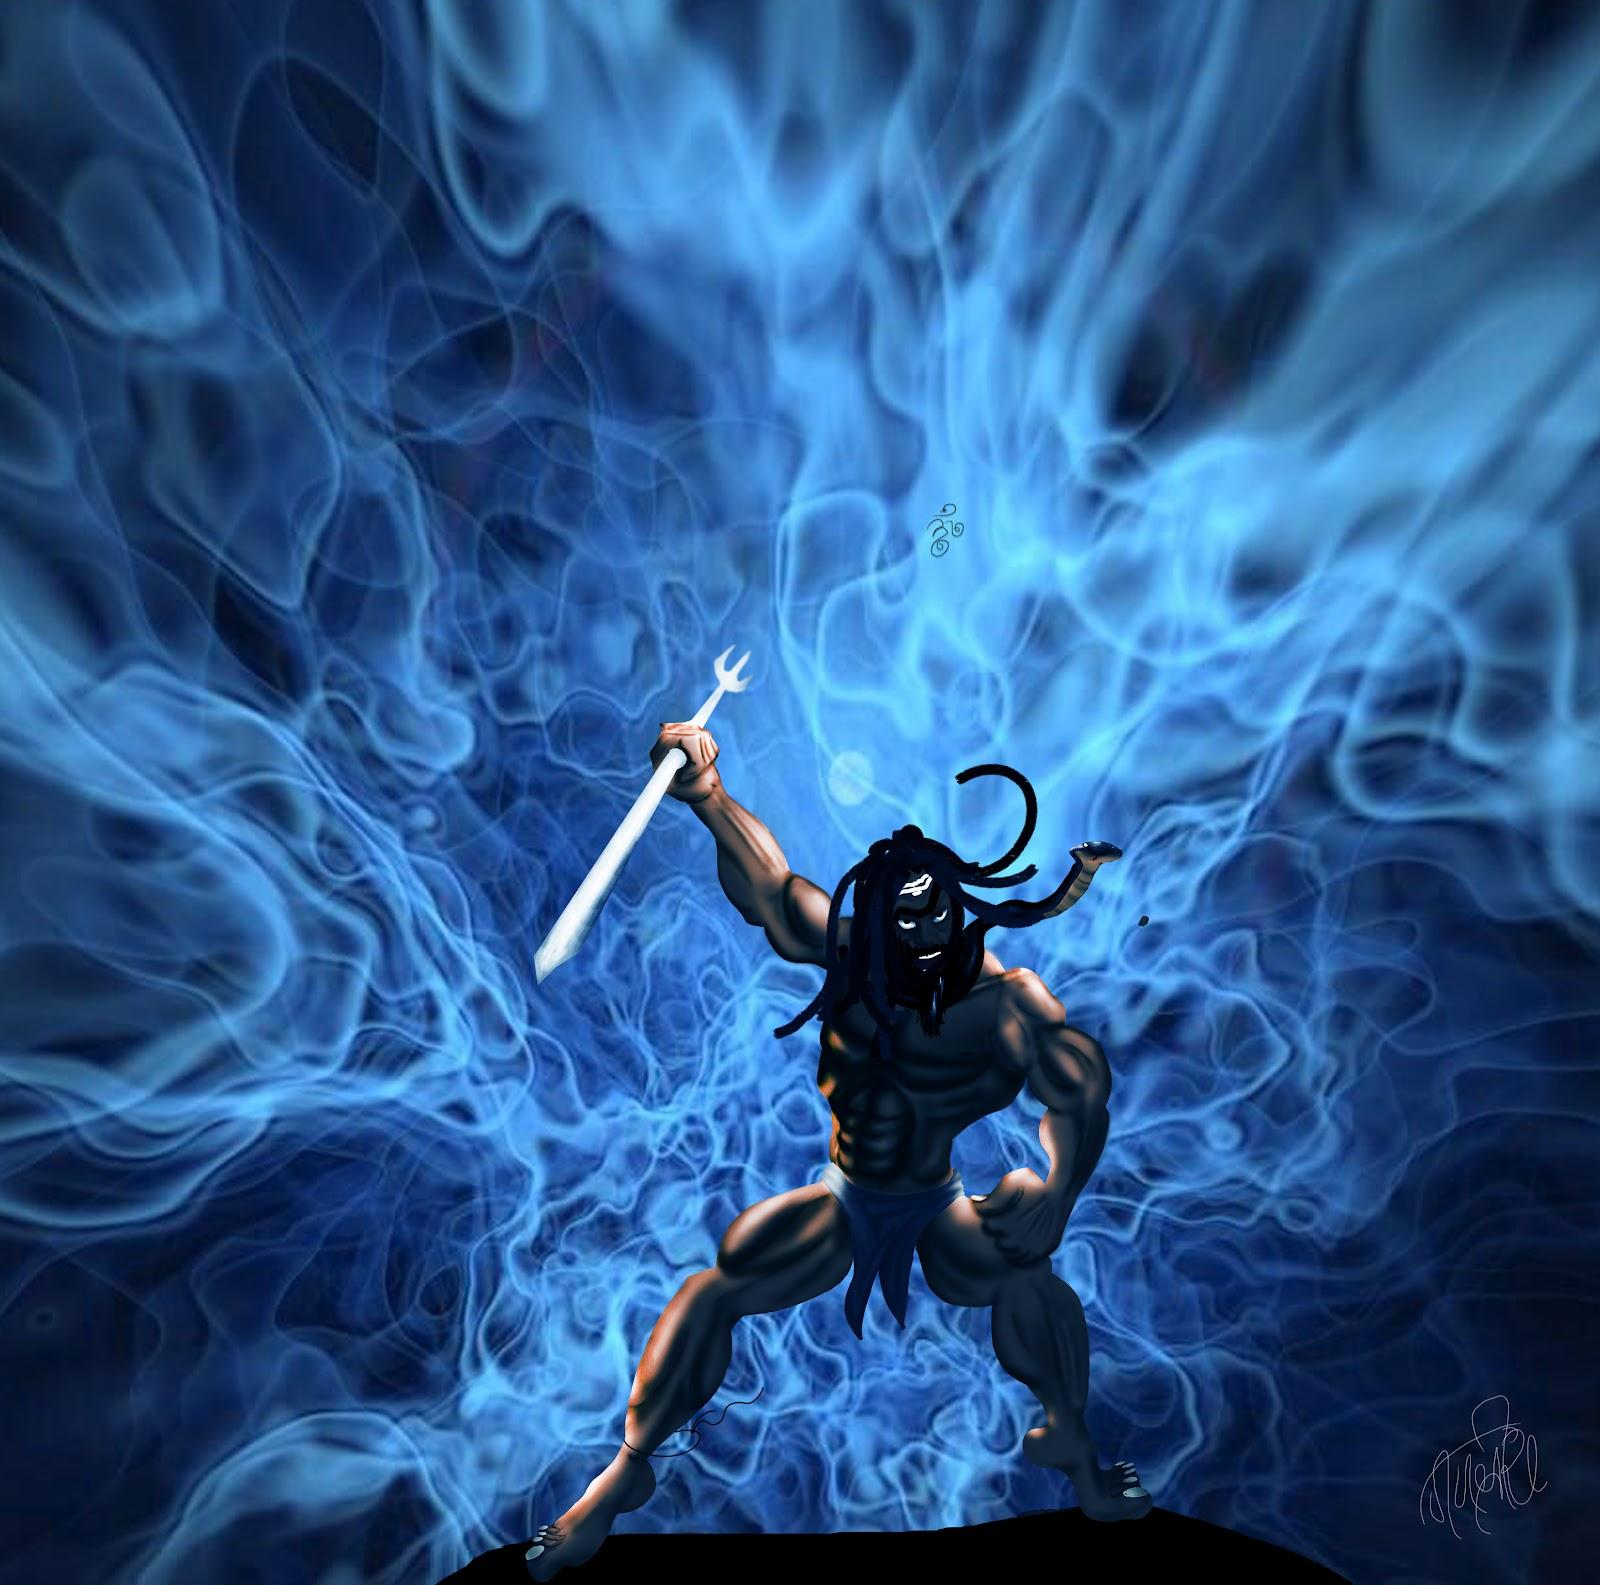 http://3.bp.blogspot.com/-hrQySsoboWk/T9ZDyh2qcKI/AAAAAAAAAD0/H8dMQZEi0MA/s1600/shiva%20ultimate.jpg